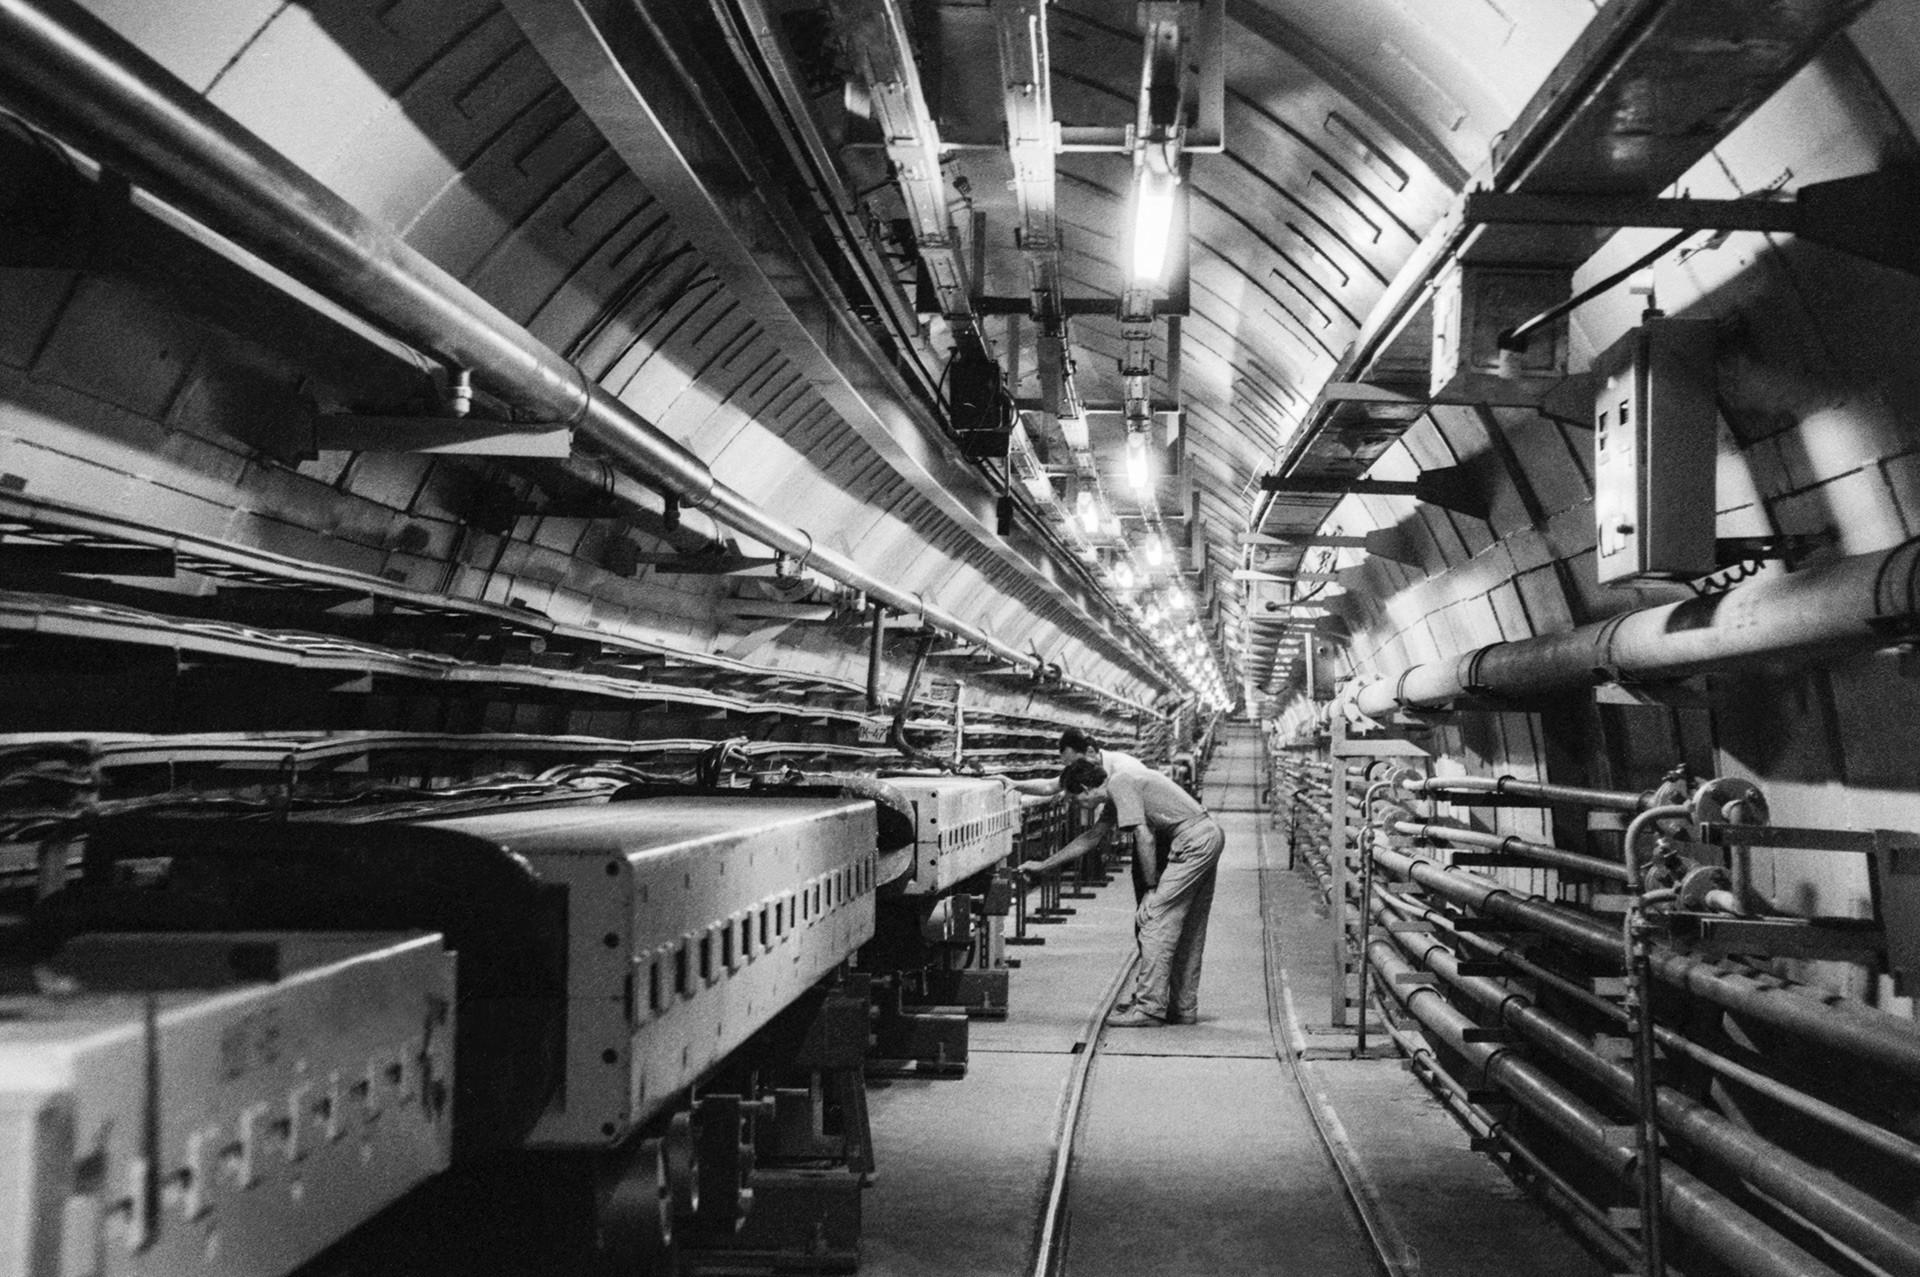 Ruang perawatan kompleks akselerator partikel di Institut Fisika Energi Tinggi di Protvino, Moskow.